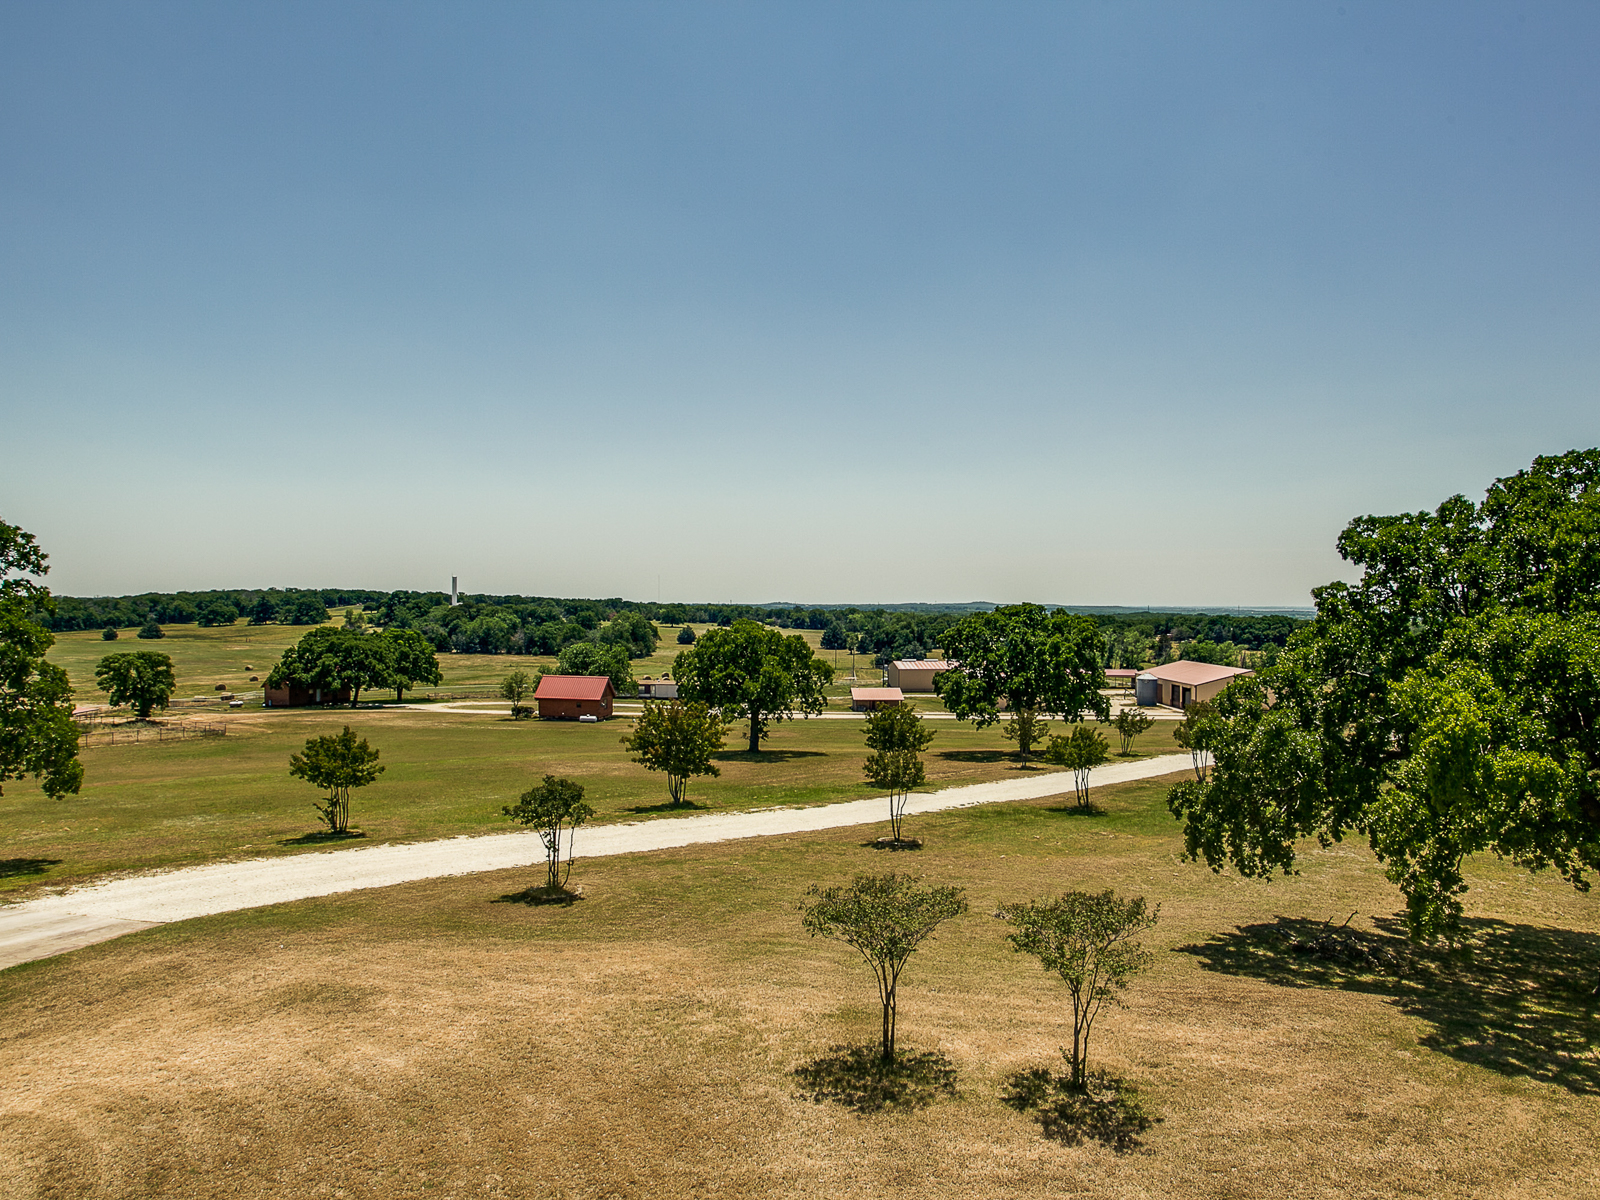 Fattoria / ranch / campagna per Vendita alle ore 122 Acre Horse Ranch 1346 Prairie Grove Road Valley View, Texas 76272 Stati Uniti